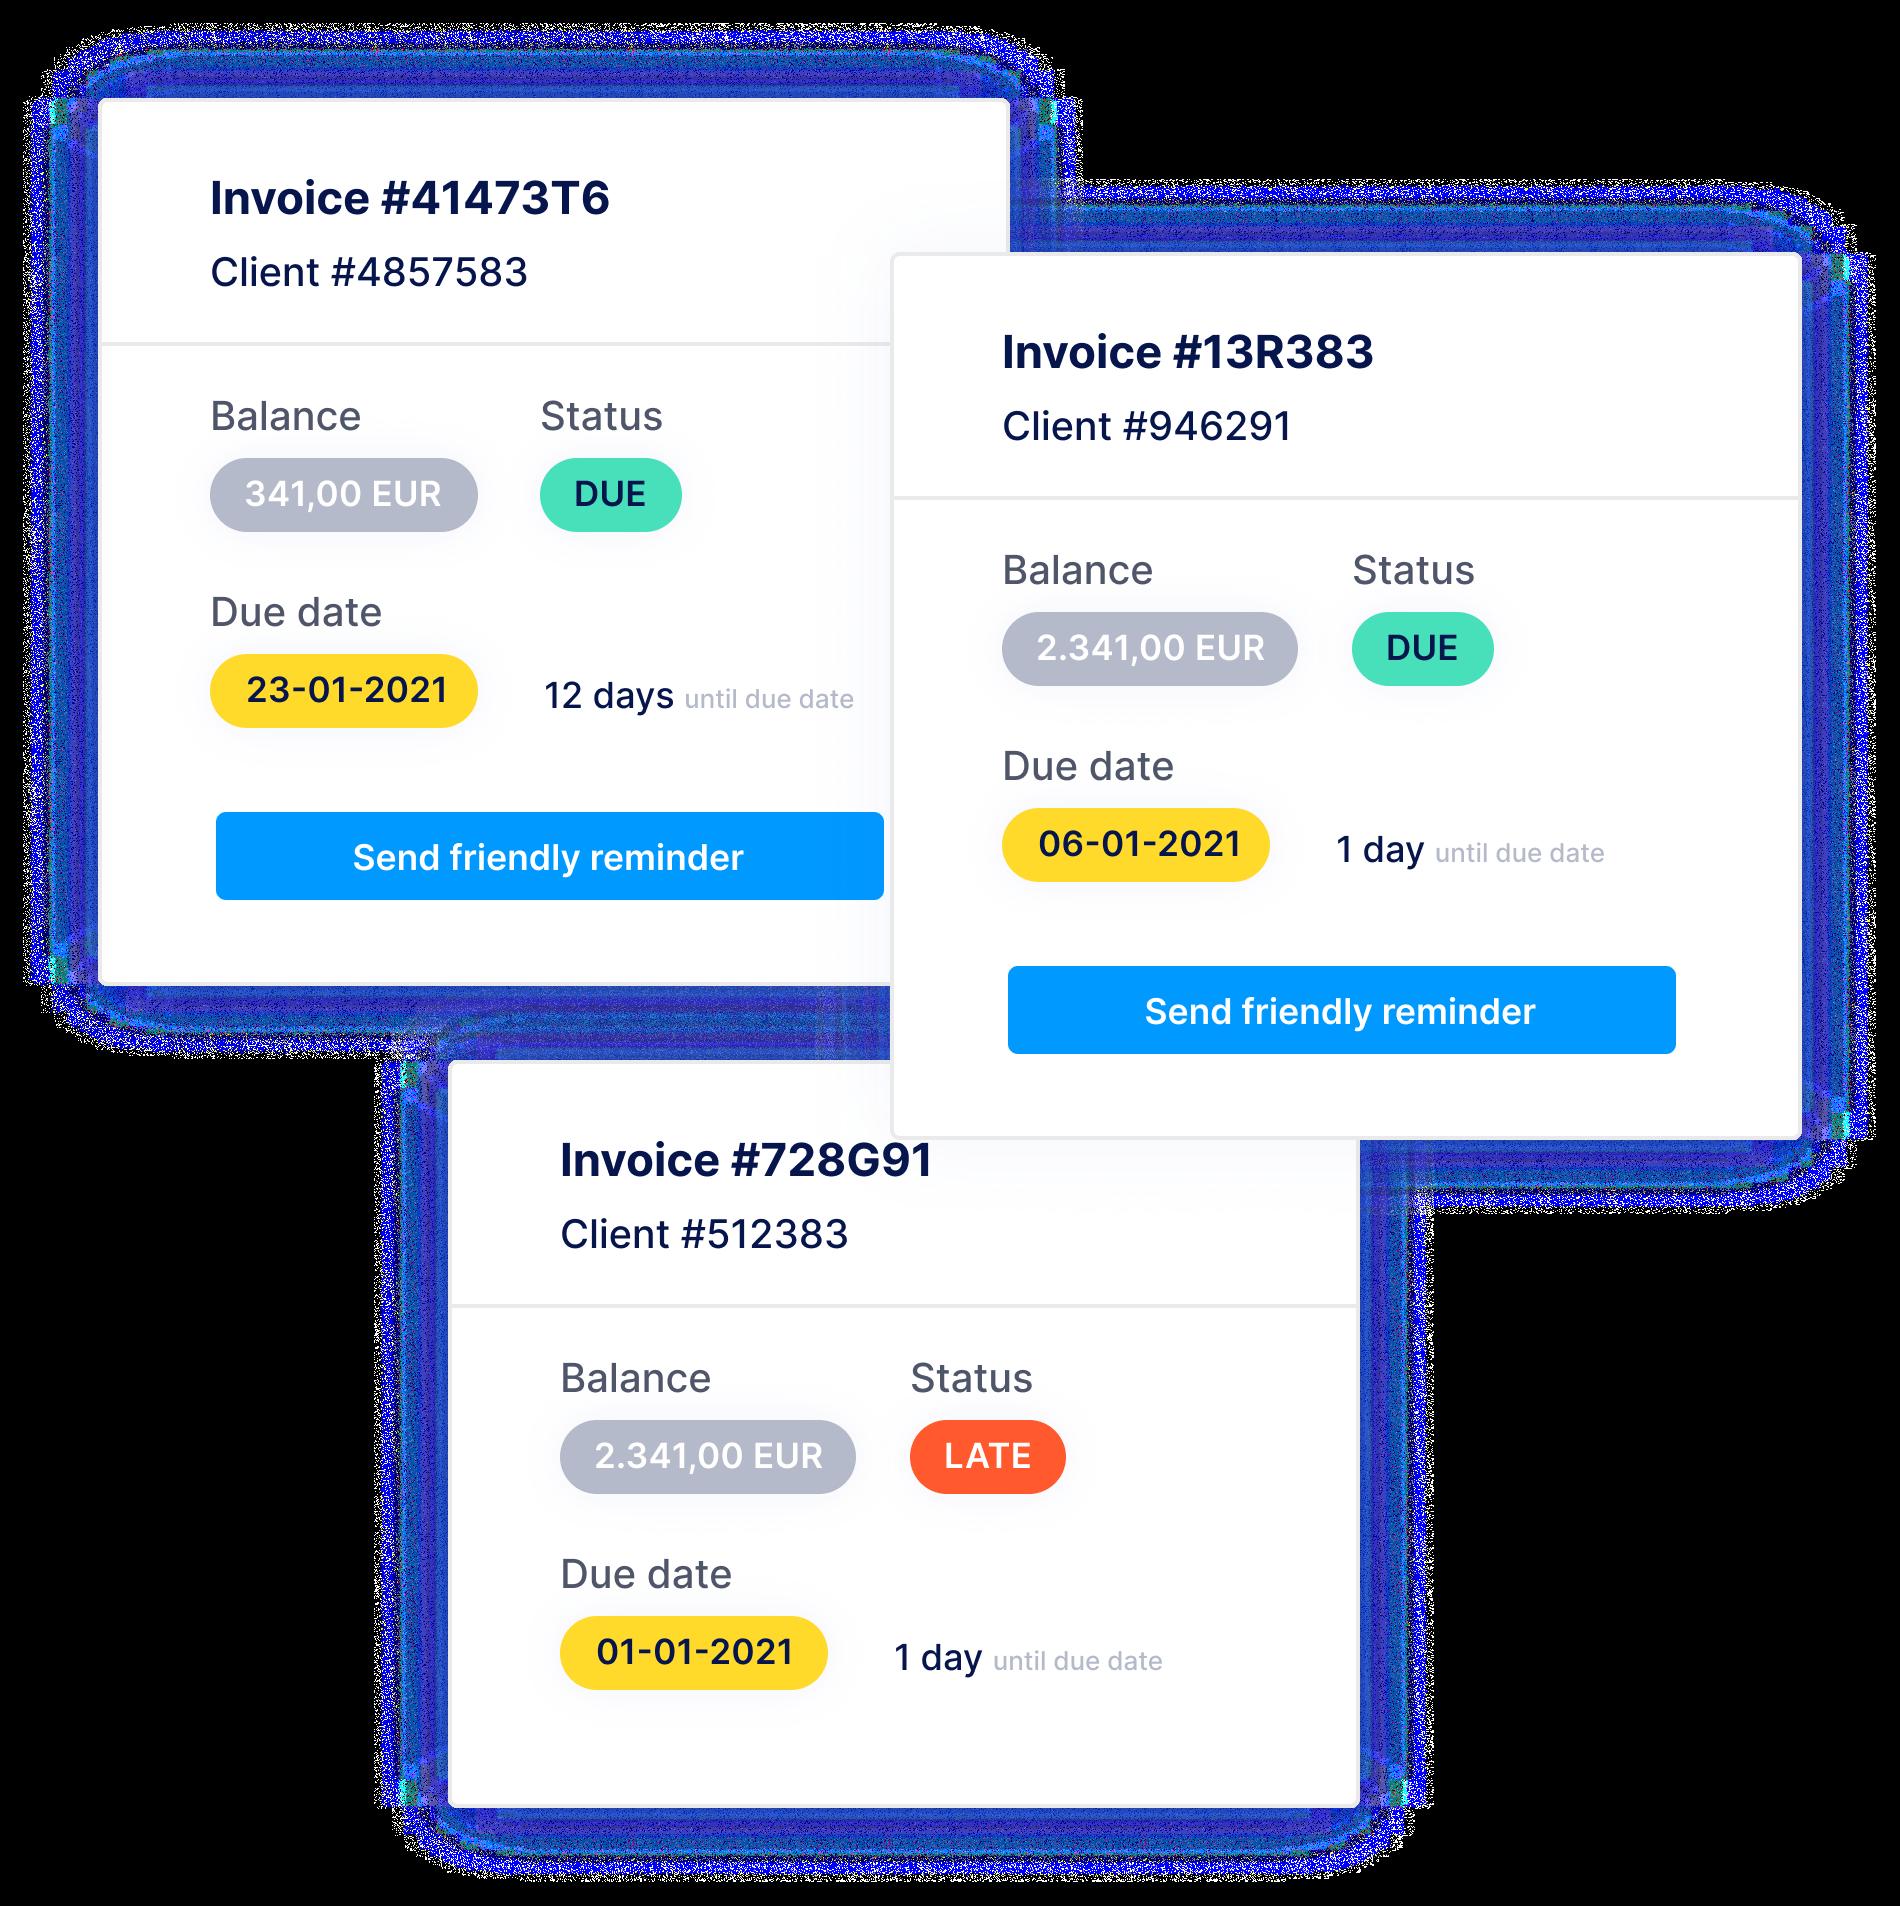 Gérez proactivement votre process de facturation. Souvent les rappels ne sont envoyés qu'après la date d'échéance de la facture, mais notre outil permet de l'envoyer déjà quelques jours avant. Vous recevrez le paiement plus vite et plus facilement.